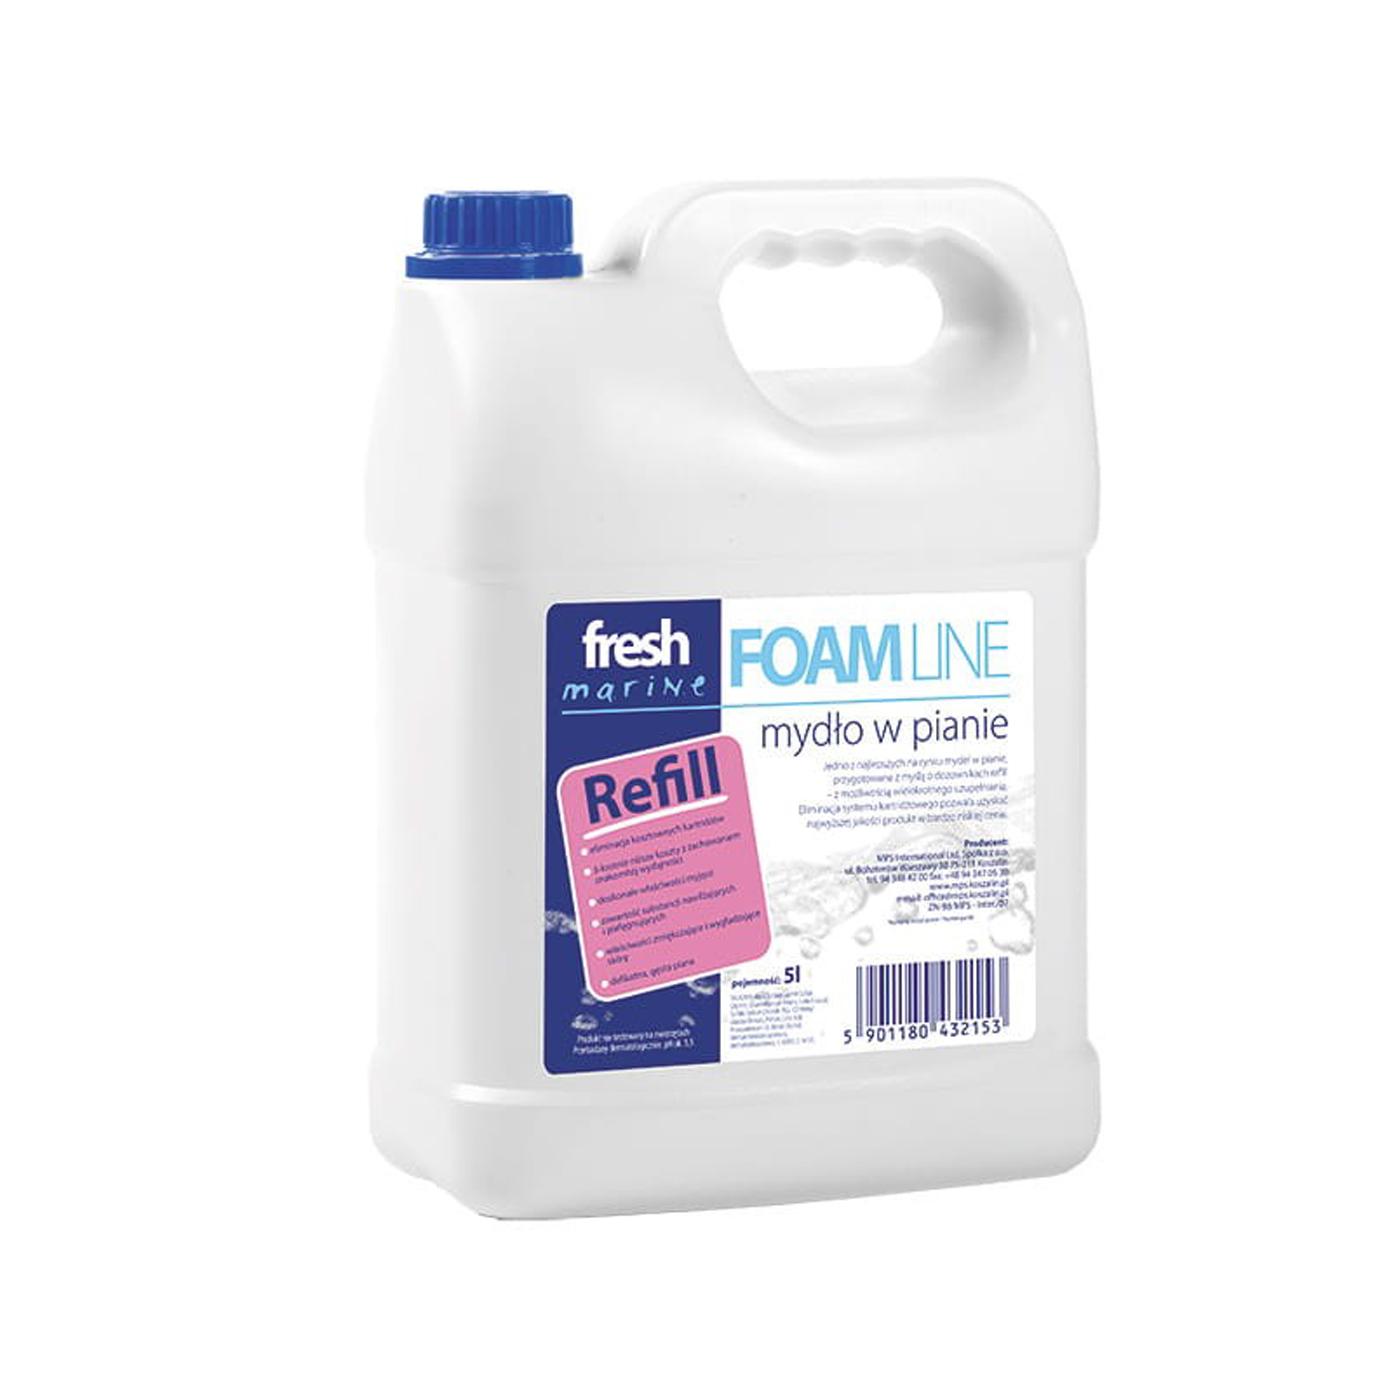 Mydło w płynie Foam Line Fresh Marine MPS